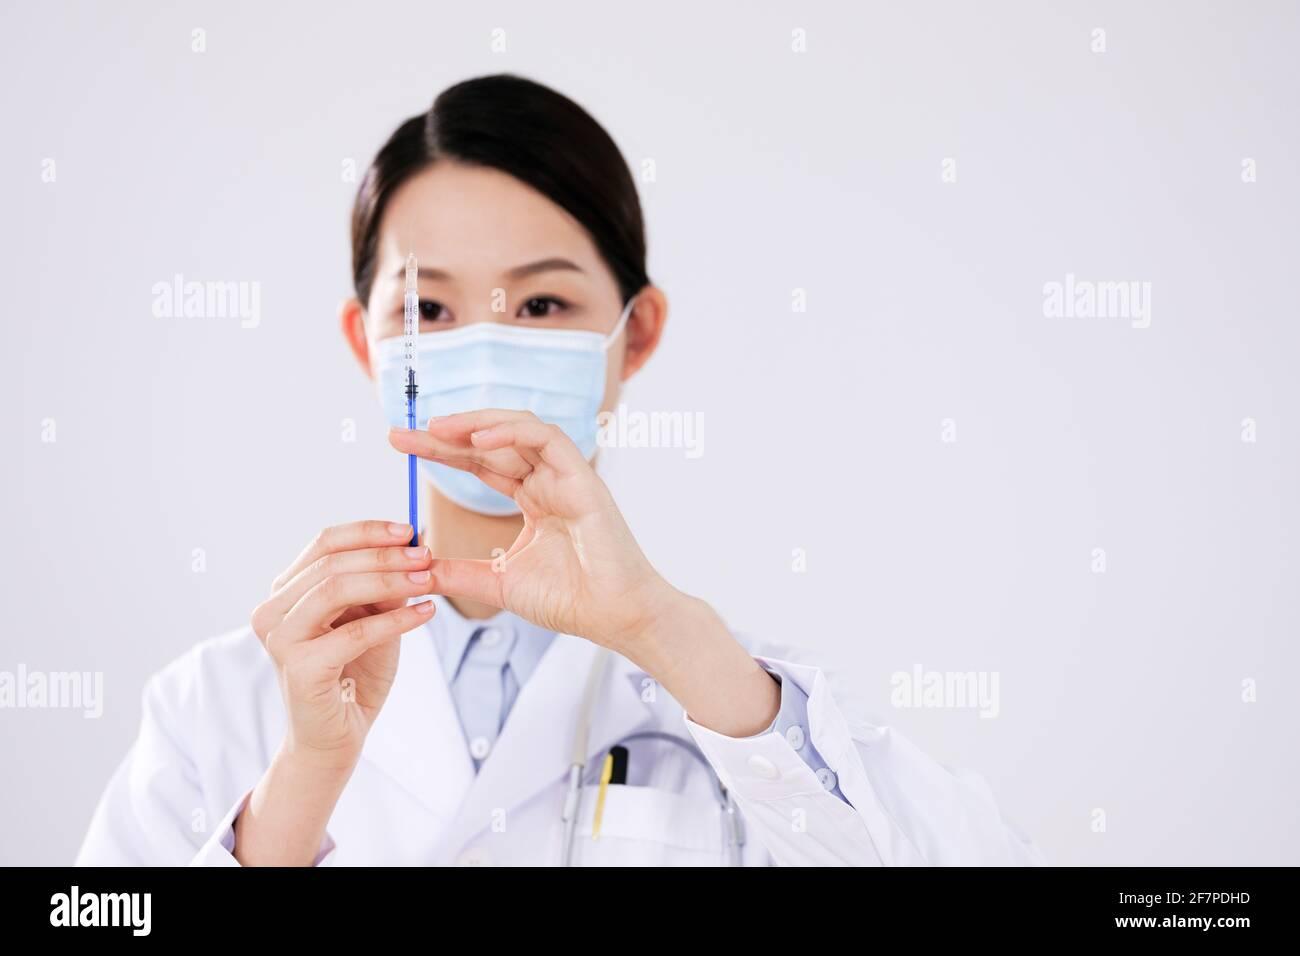 Una mujer médica con una máscara usa una jeringa en la parte delantera ver Foto de stock